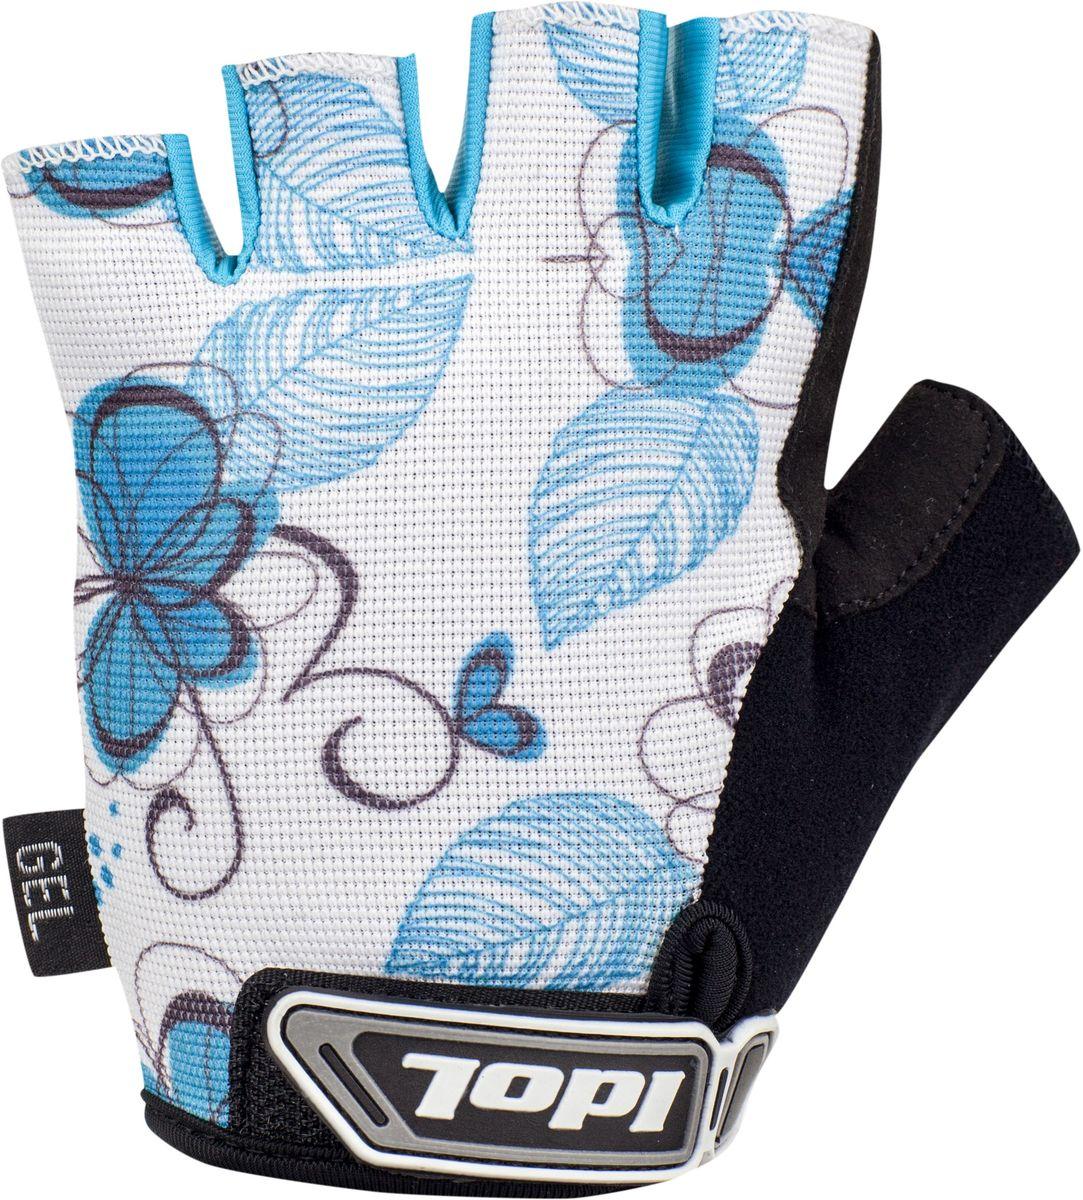 Перчатки велосипедные женские Idol Isel, цвет: белый, голубой. Размер L2716Велосипедные перчатки женские Idol, ISEL 2716 предназначены для велоспорта, велотуризма, велосипедных прогулок. - Открытые пальцы - Верх: высококачественный материал 4-way stretch повышенной дышимости - Ладонь: синтетическая кожа Amara - Гелевая вставка на ладони - Влагоотводящий материал на большом пальце - Веревочные петли для снимания - Липучка для фиксации перчатки на руке Высокое качество материалов, стильный дизайн, функциональность и прочность выделяют велоперчатки Idol среди прочих.